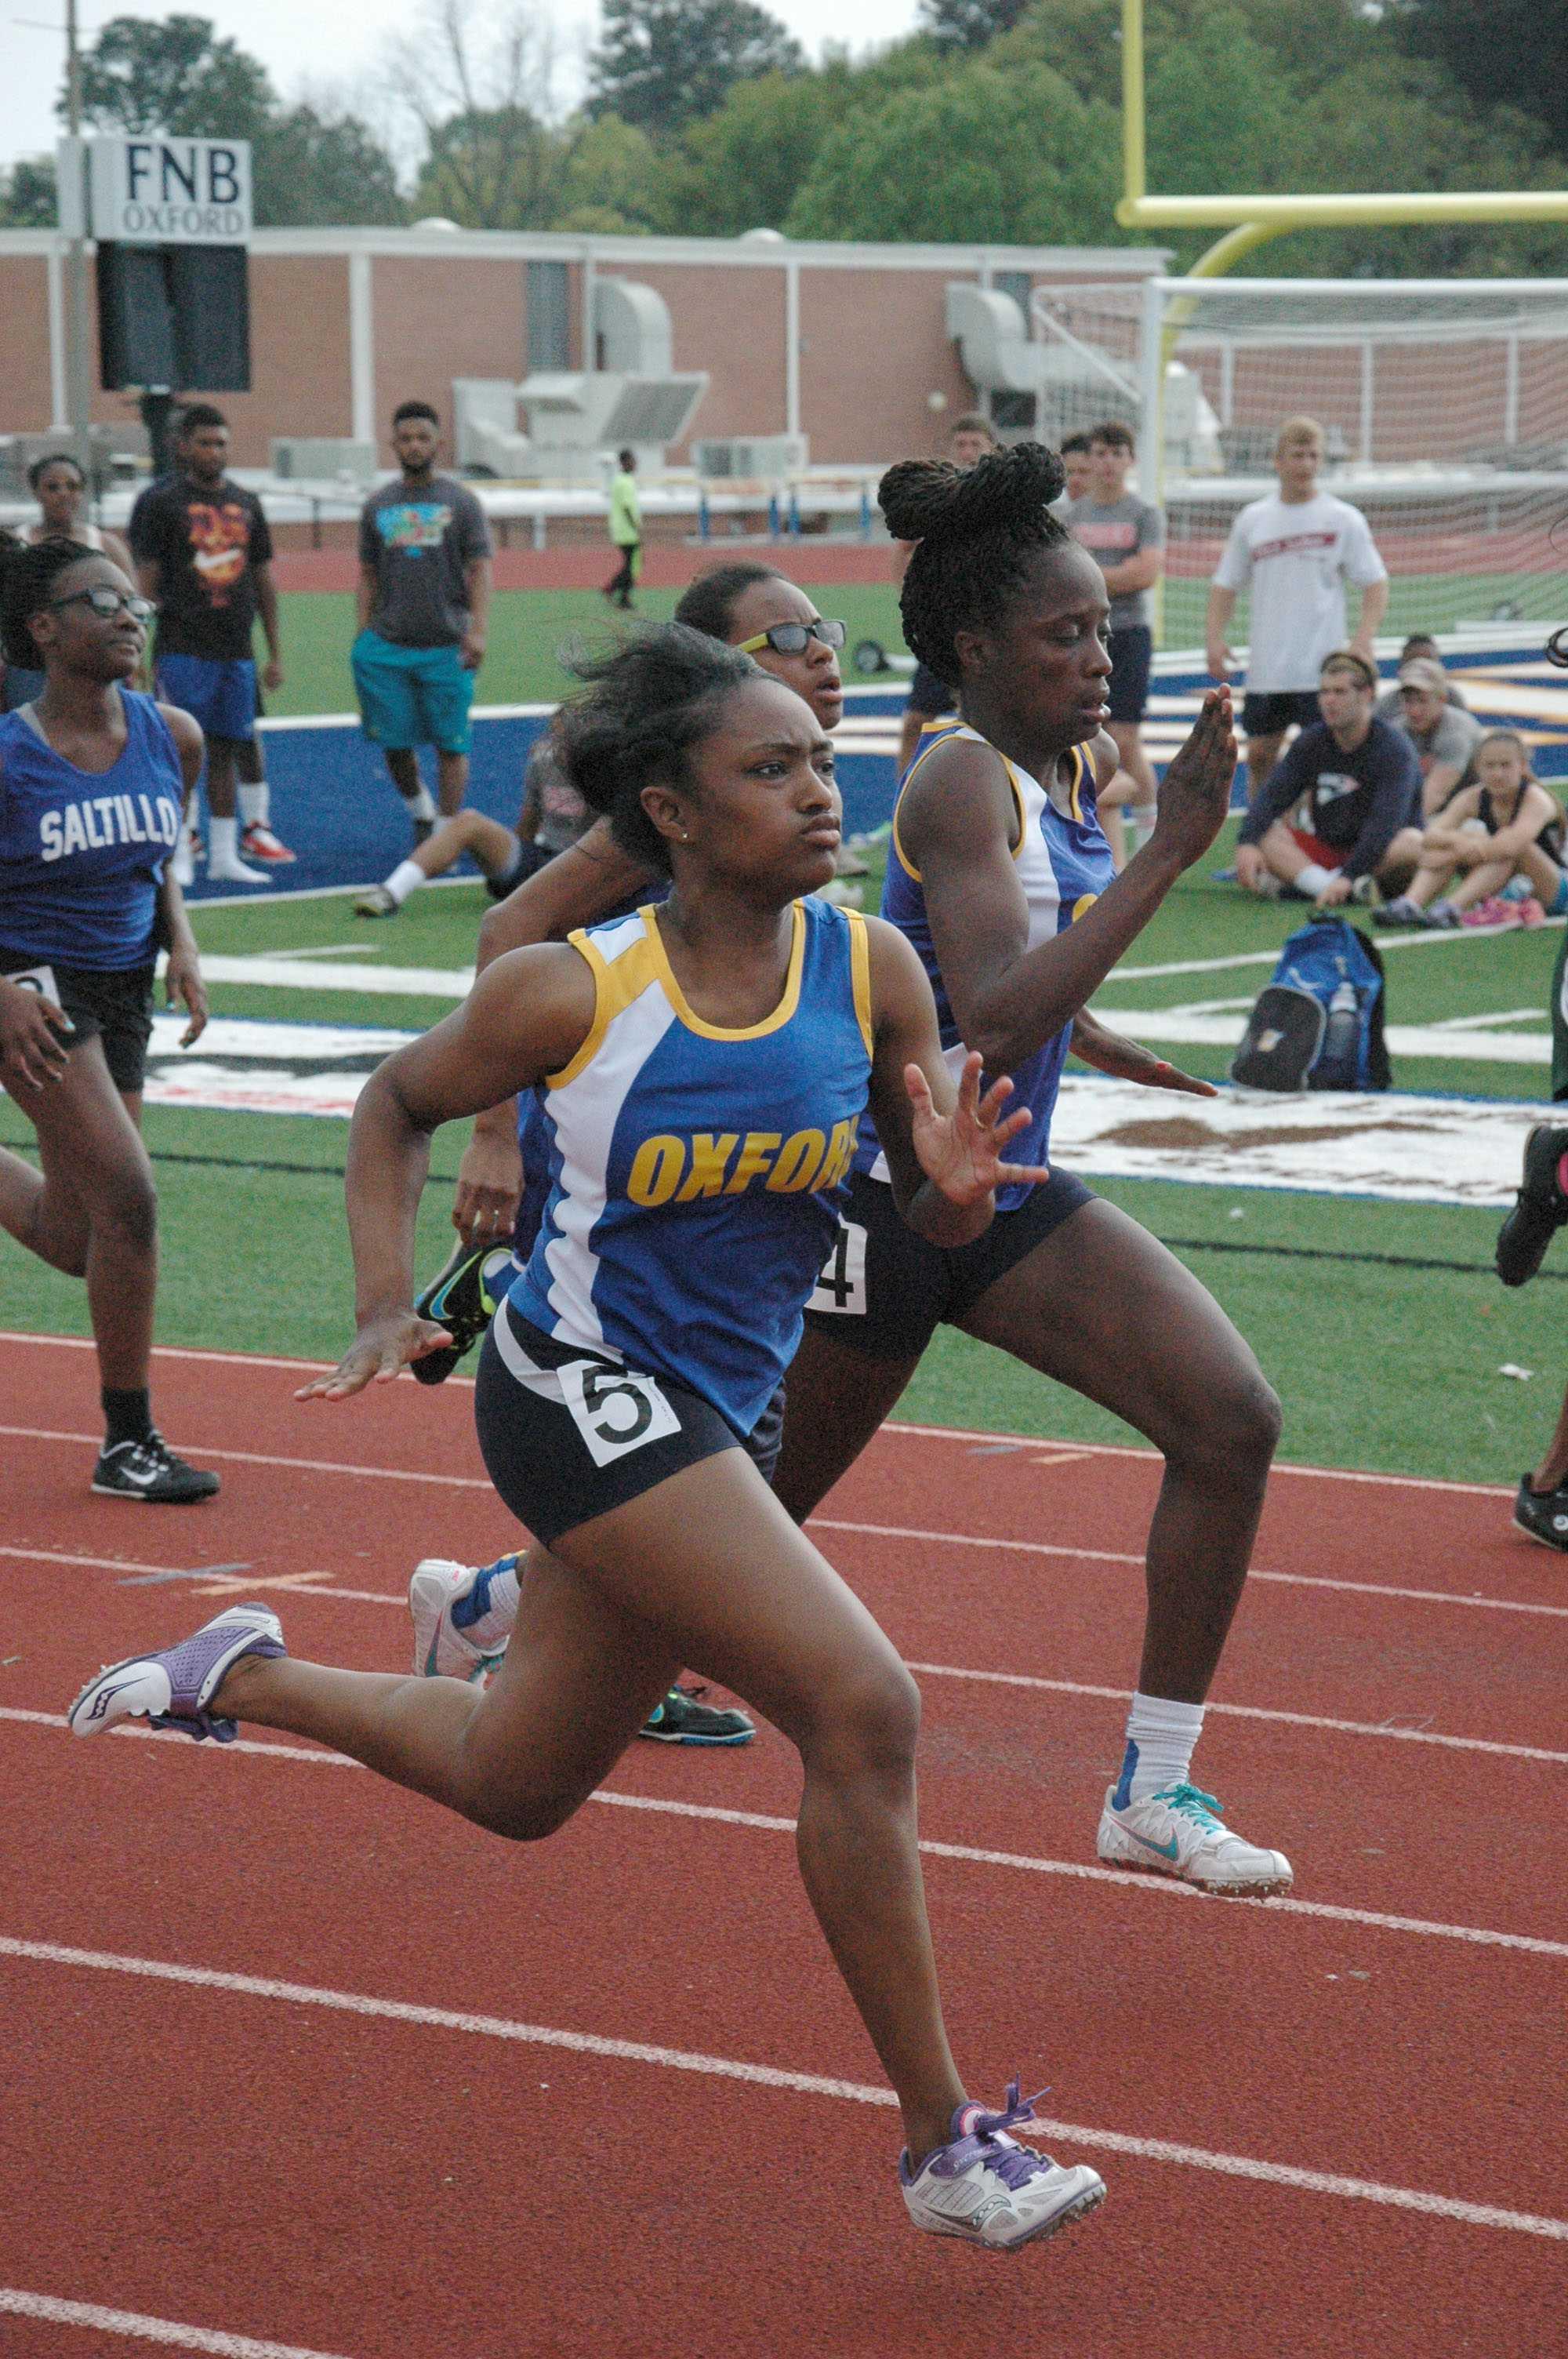 Montayshia+Wadley+and+Tiara+King+running+the+girls%27+100+meter+dash.+